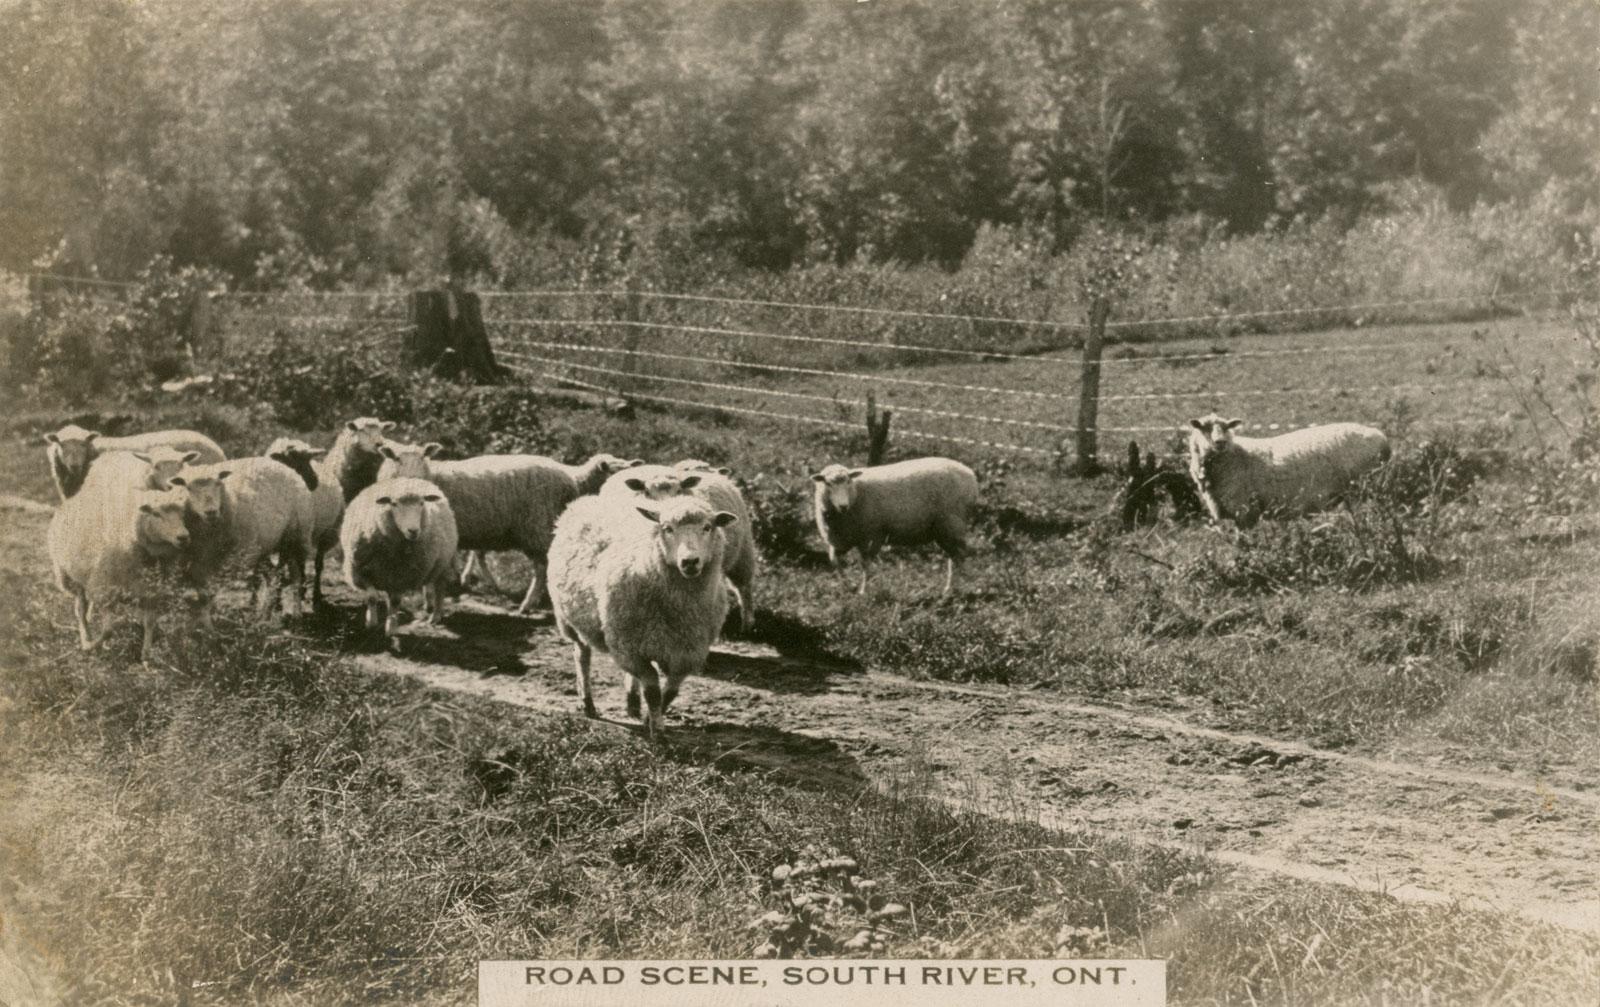 Postcard of Road Scene South River, circa 1920